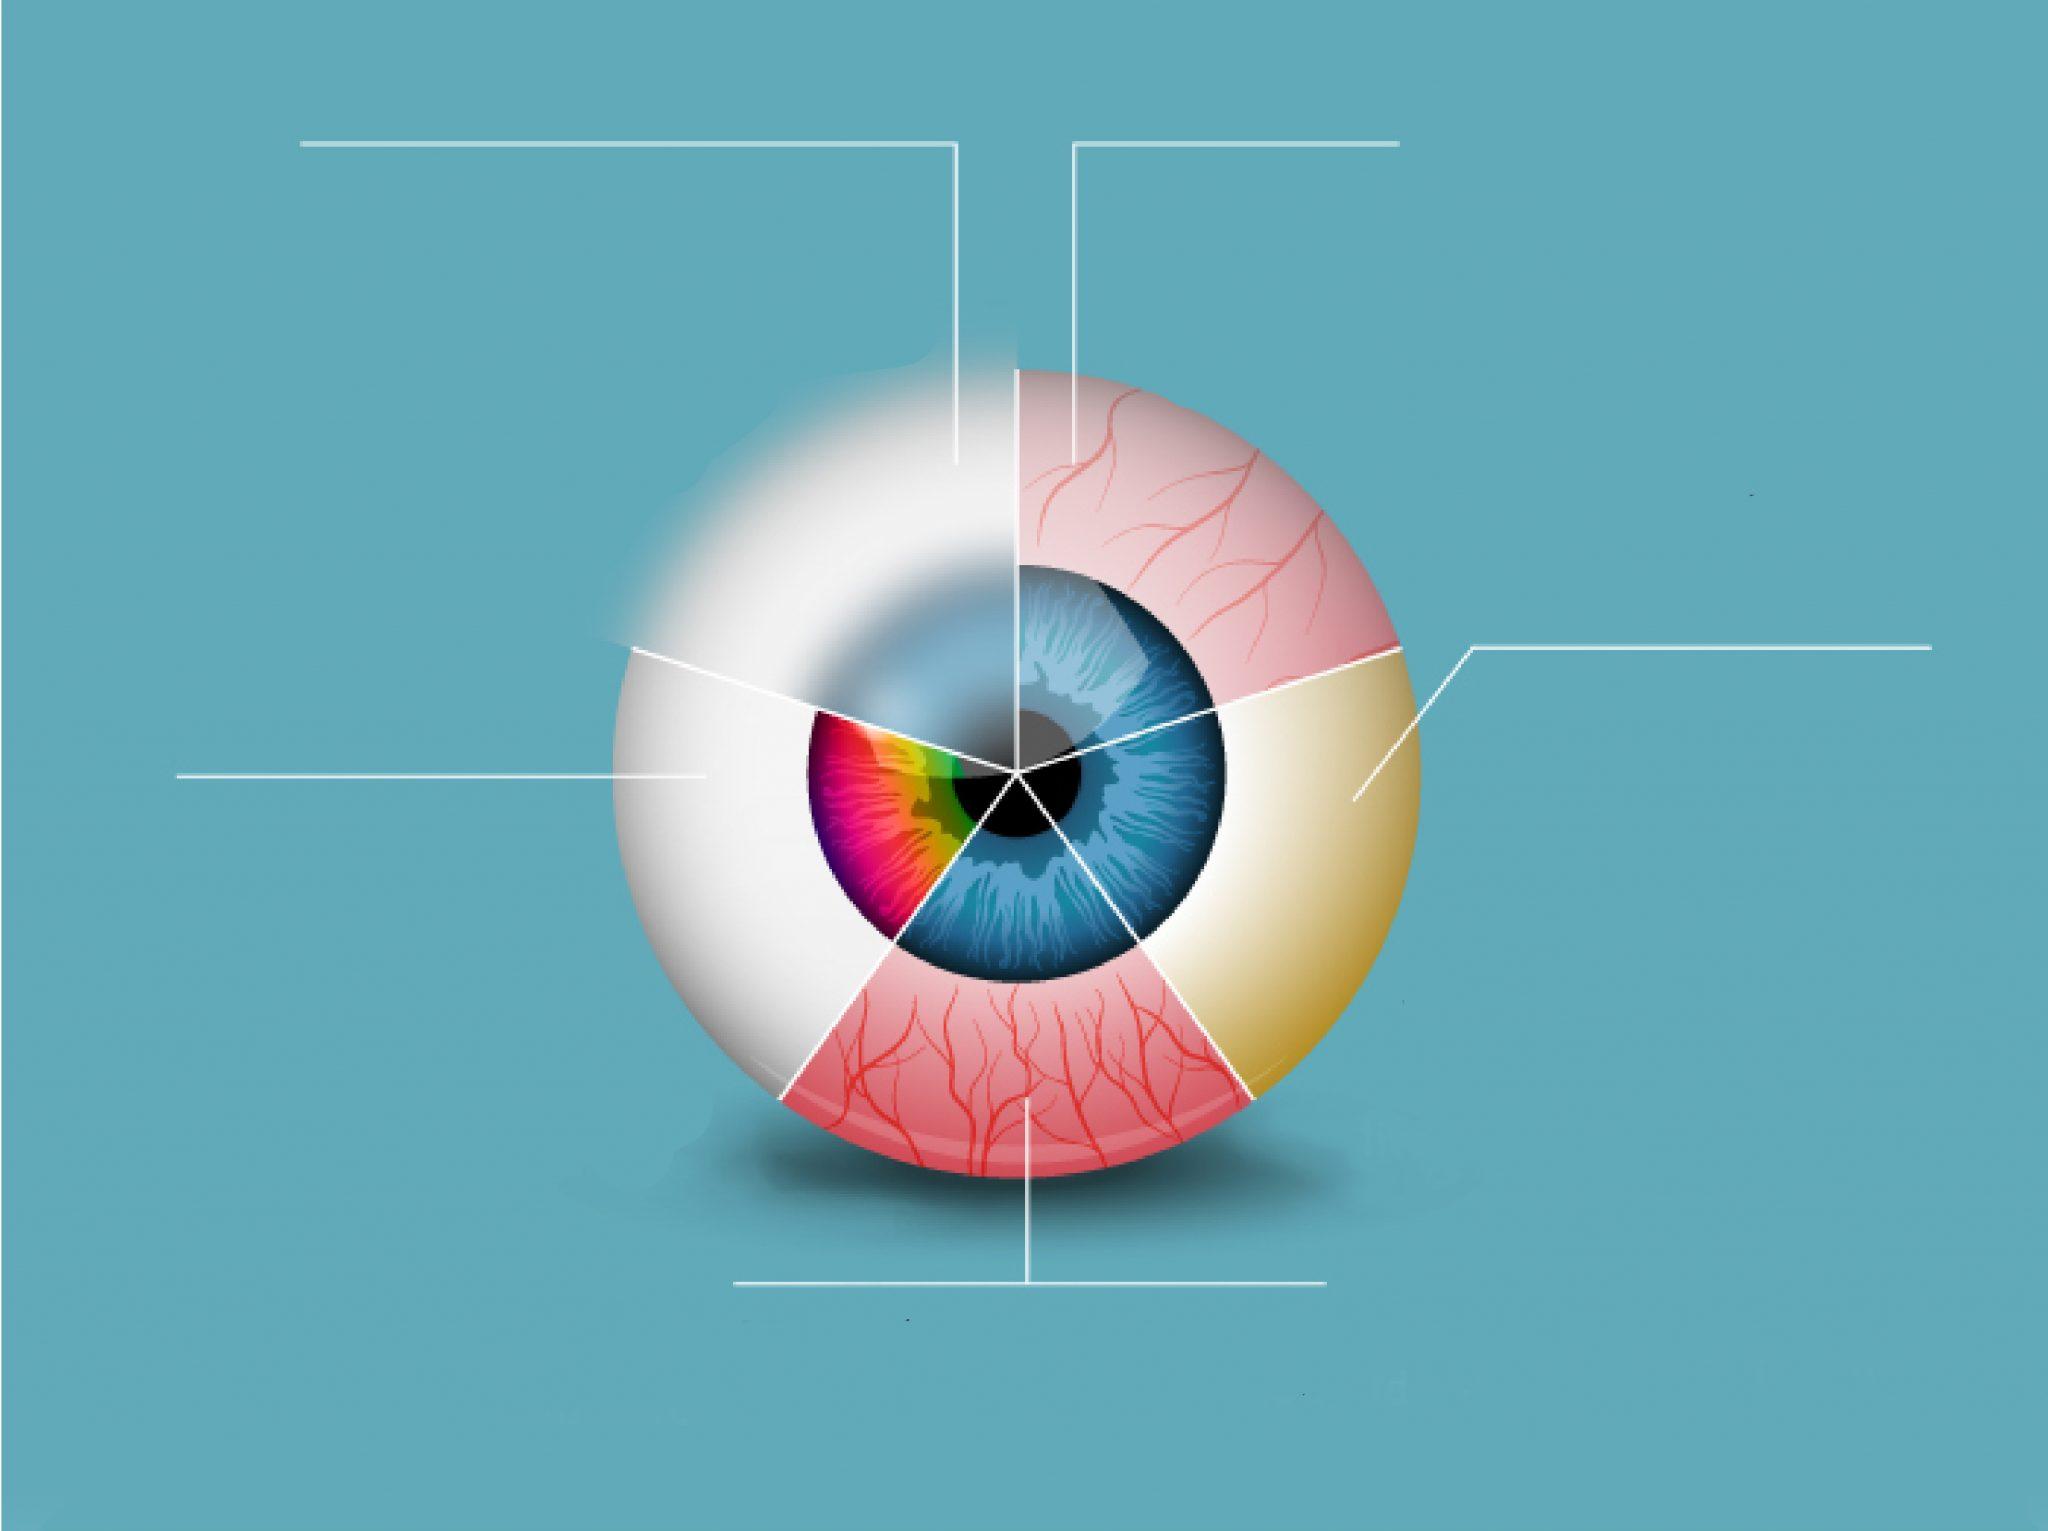 همه چیز در چشمان شماست! [اینفوگرافیک]